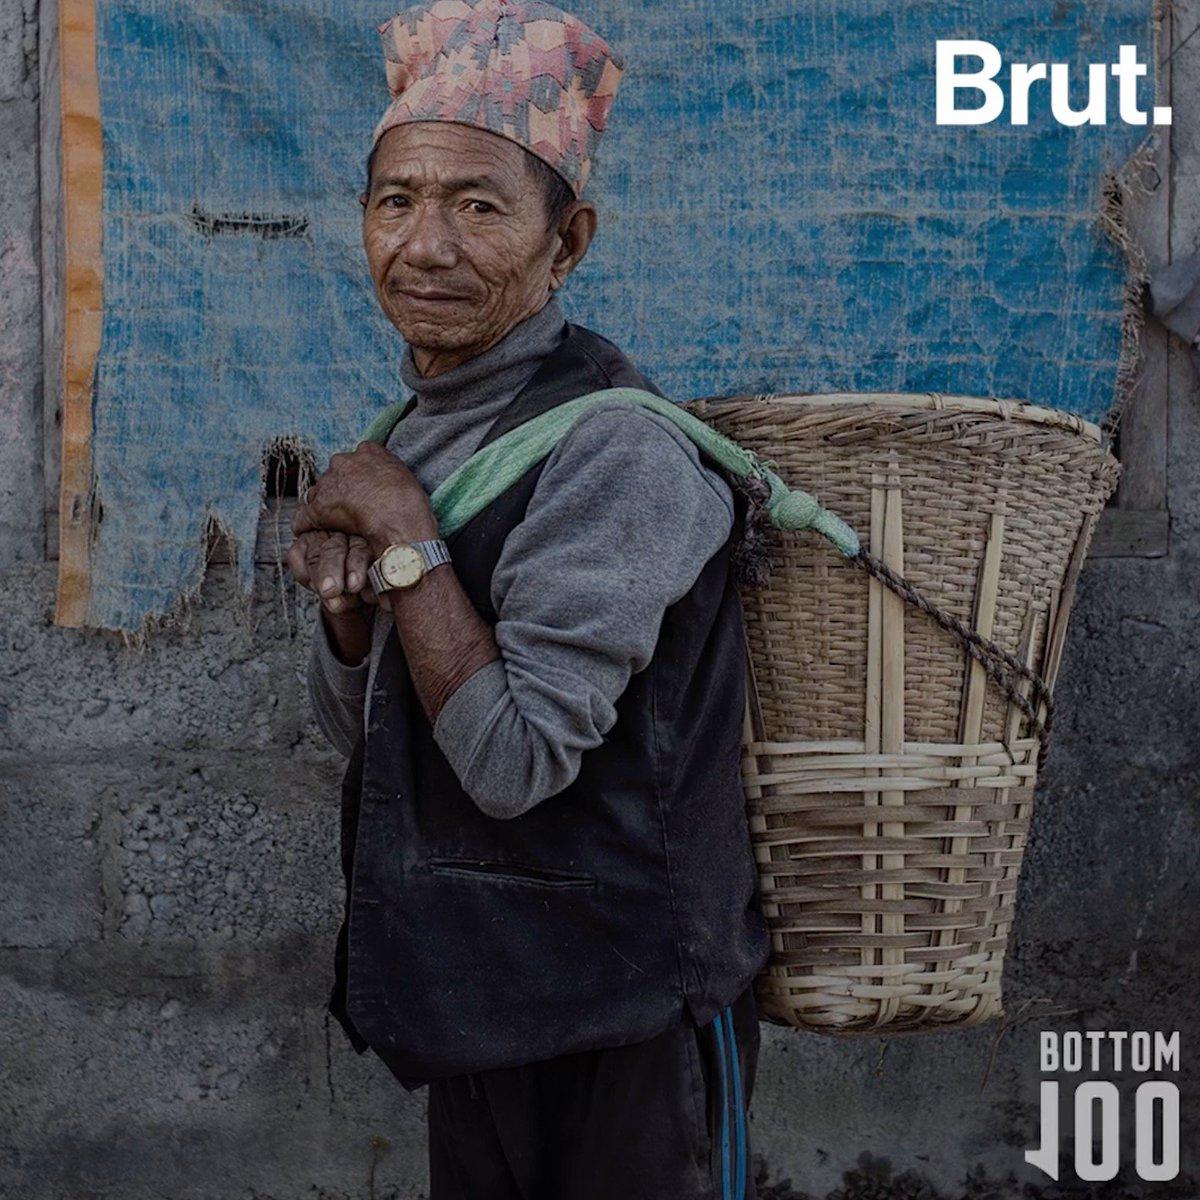 Les 100 personnes les plus riches du monde sont connues. Mais qui sont les 100 plus pauvres ? @fundforpeace a voulu dresser leurs portraits.